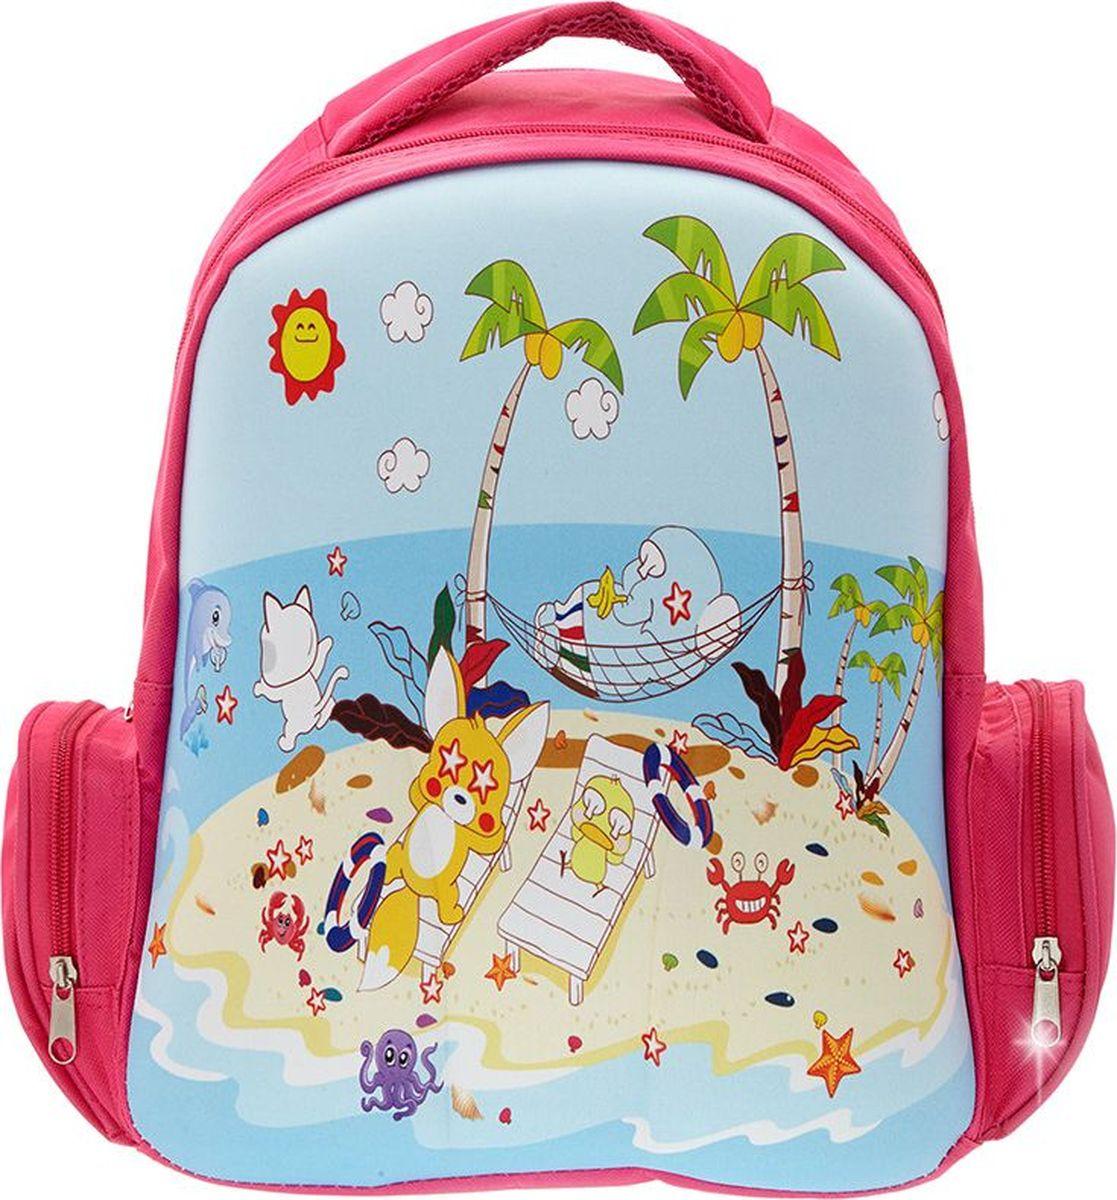 3D Bags Рюкзак дошкольный Пляж72523WDДошкольный рюкзак 3D Bags Пляж идеально подходит для хранения важных вещей, которые так необходимы маленькой принцессе на детской площадке, во время прогулки или на пикнике.рюкзак выполнен из прочного и износоустойчивого полиэстера. Просторный внутренний отсек будет очень удобен в использовании. Лицевая сторона рюкзака на прочной основе выполнена в виде веселой детской картинки, которая всегда будет радовать вашего малыша.